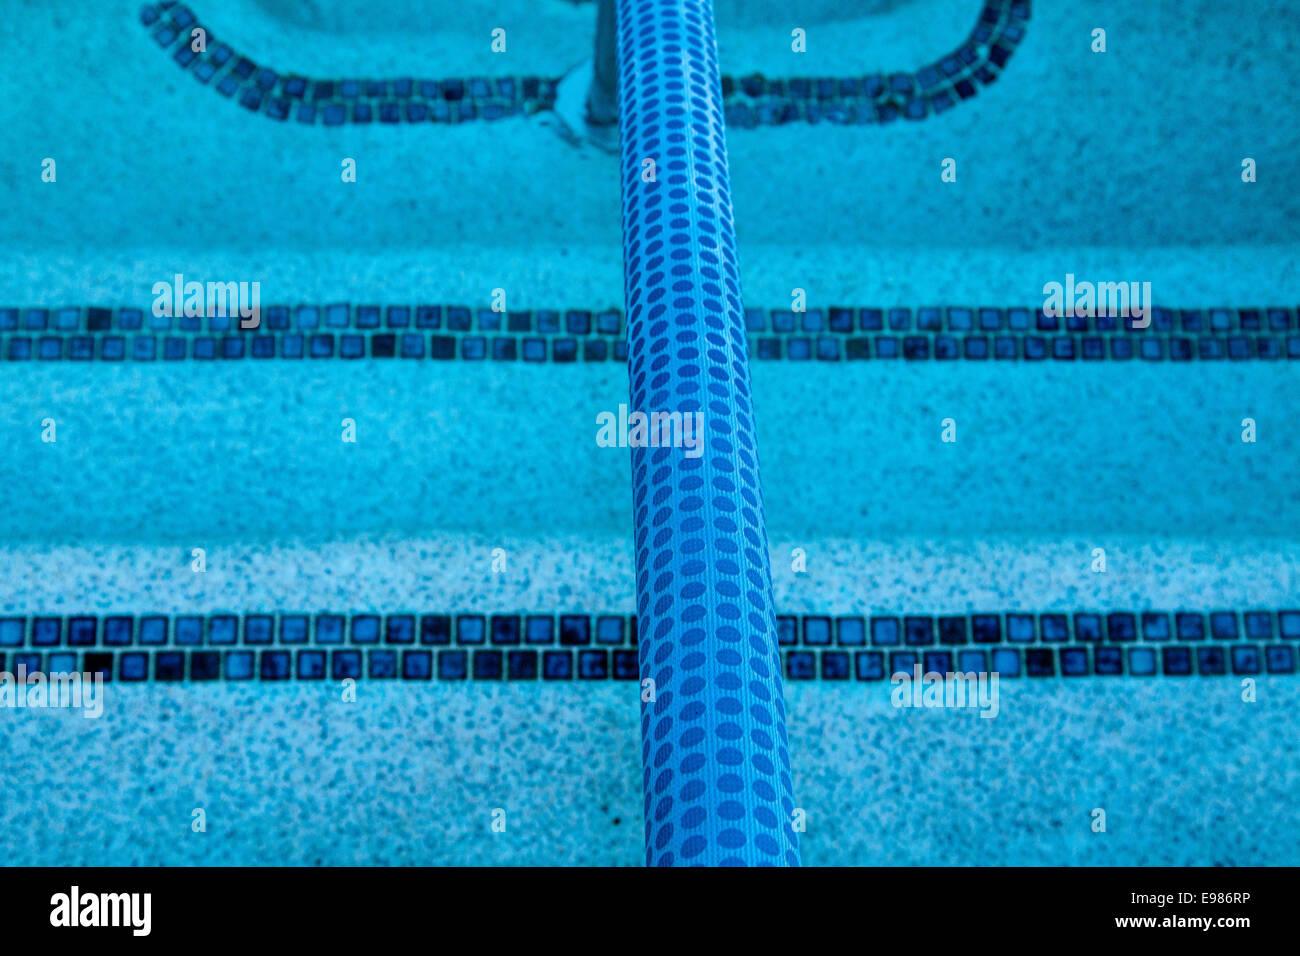 Dans l'eau. Les étapes et main courante dans l'eau encore tout à fait de la piscine d'eau Photo Stock